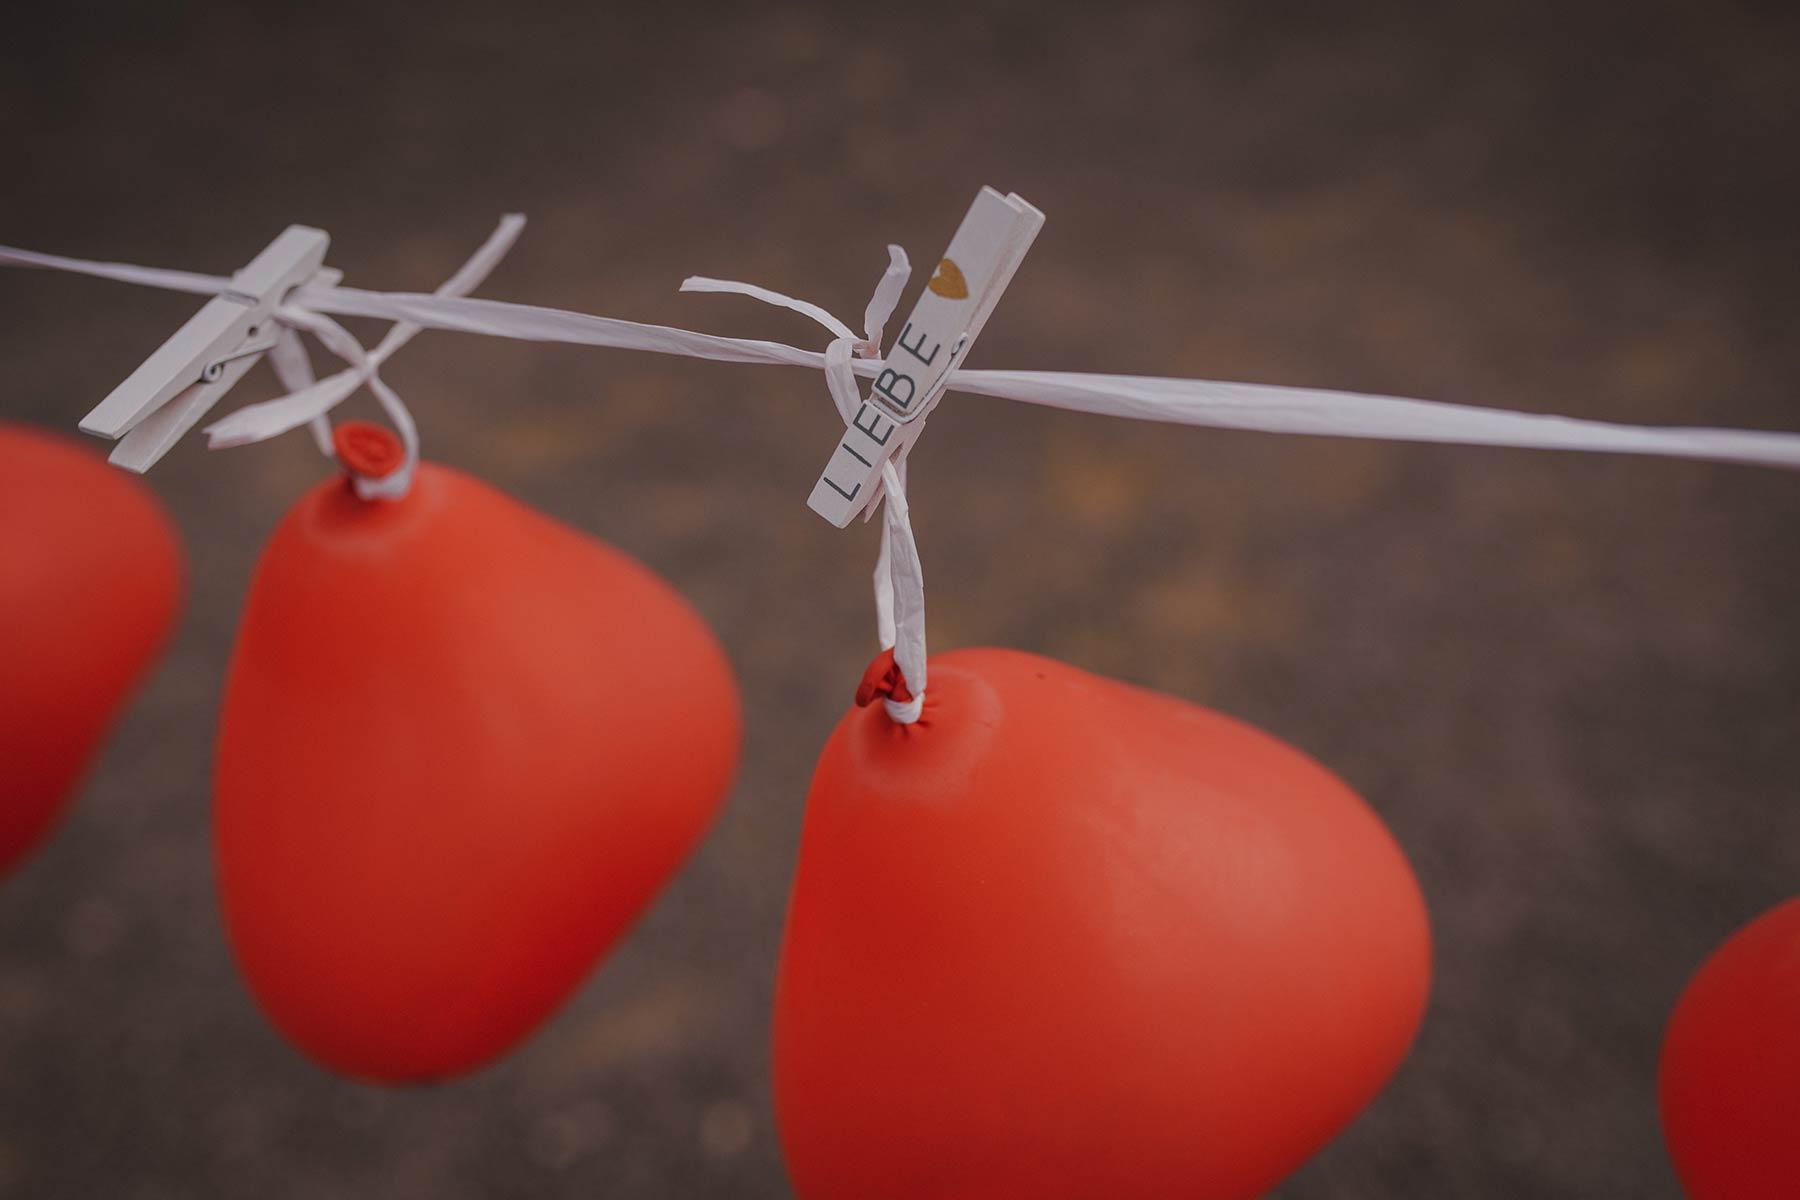 Ballonstechen als Hochzeitsspiel für Braut und Bräutigam